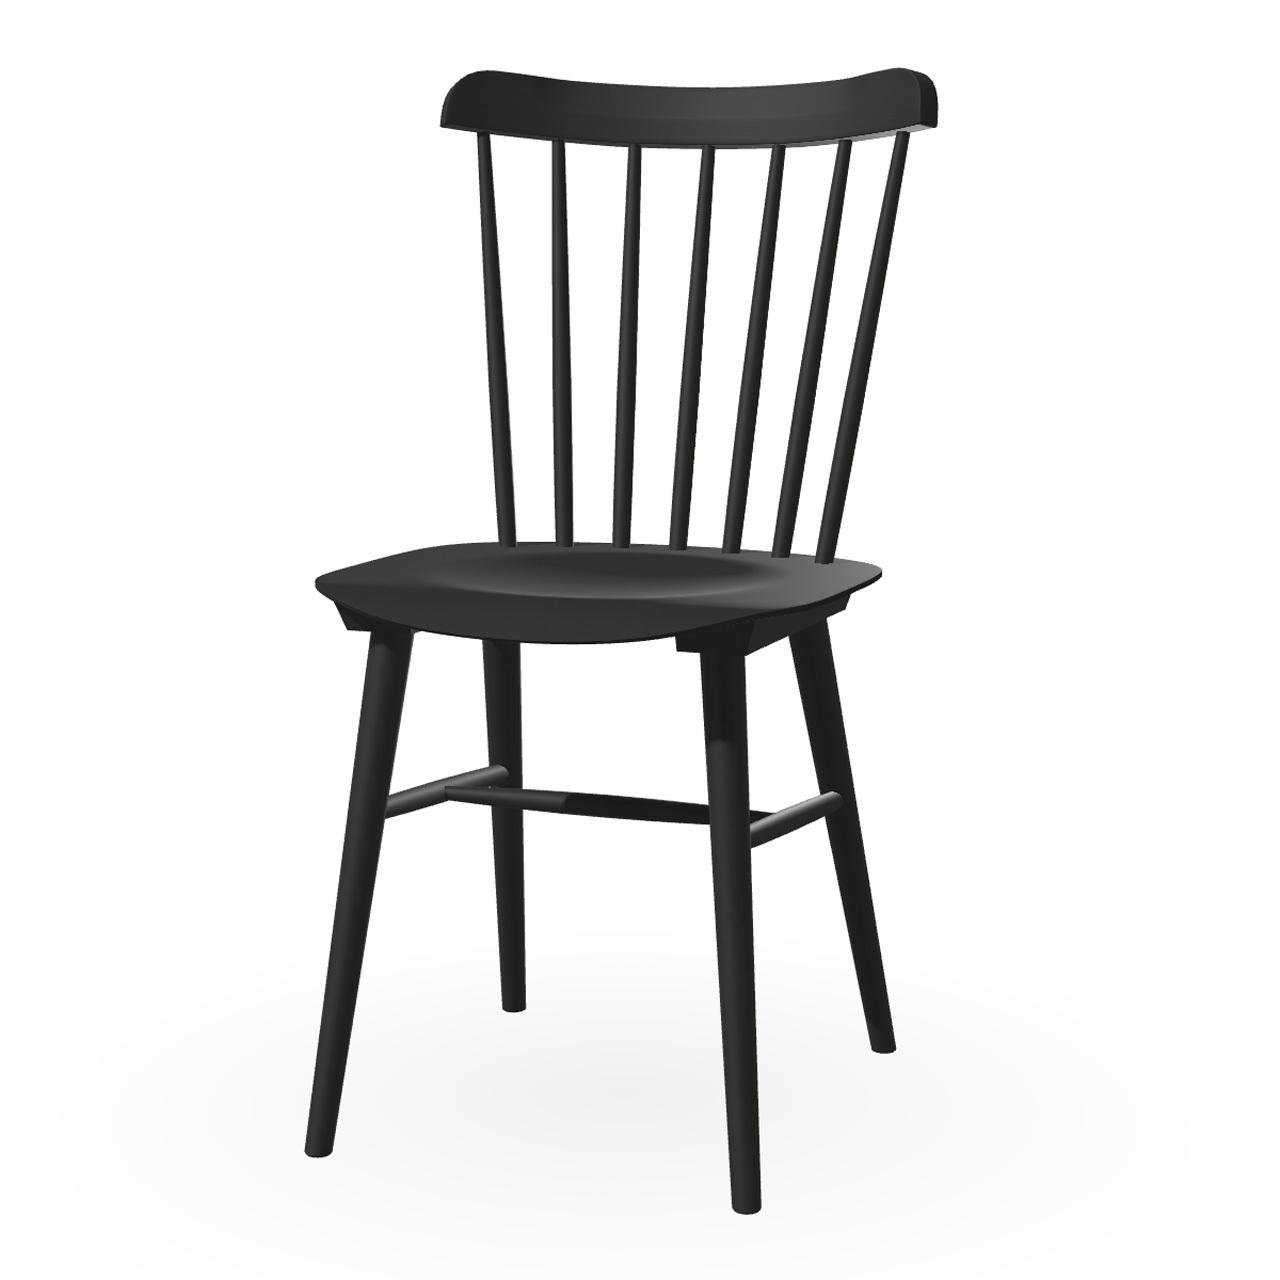 Ton Stuhl im Retro-Stil für den Esstisch  Eiche Black Grain (B123),  Helle Kunststoffgleiter